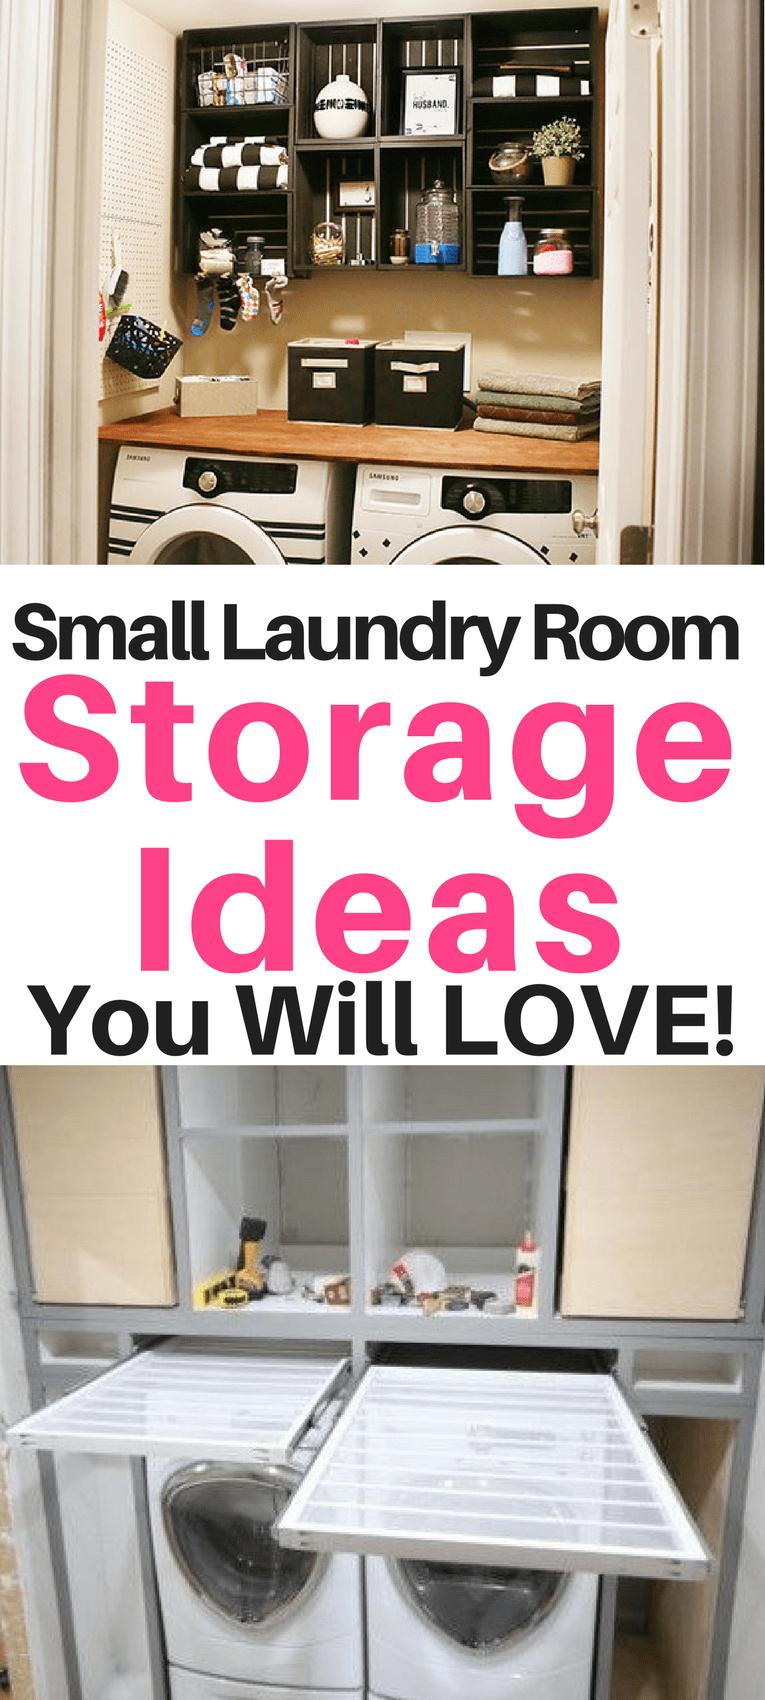 Small Laundry Room Organization Ideas - Sunny Home Creations on Small Laundry Room Organization Ideas  id=95506